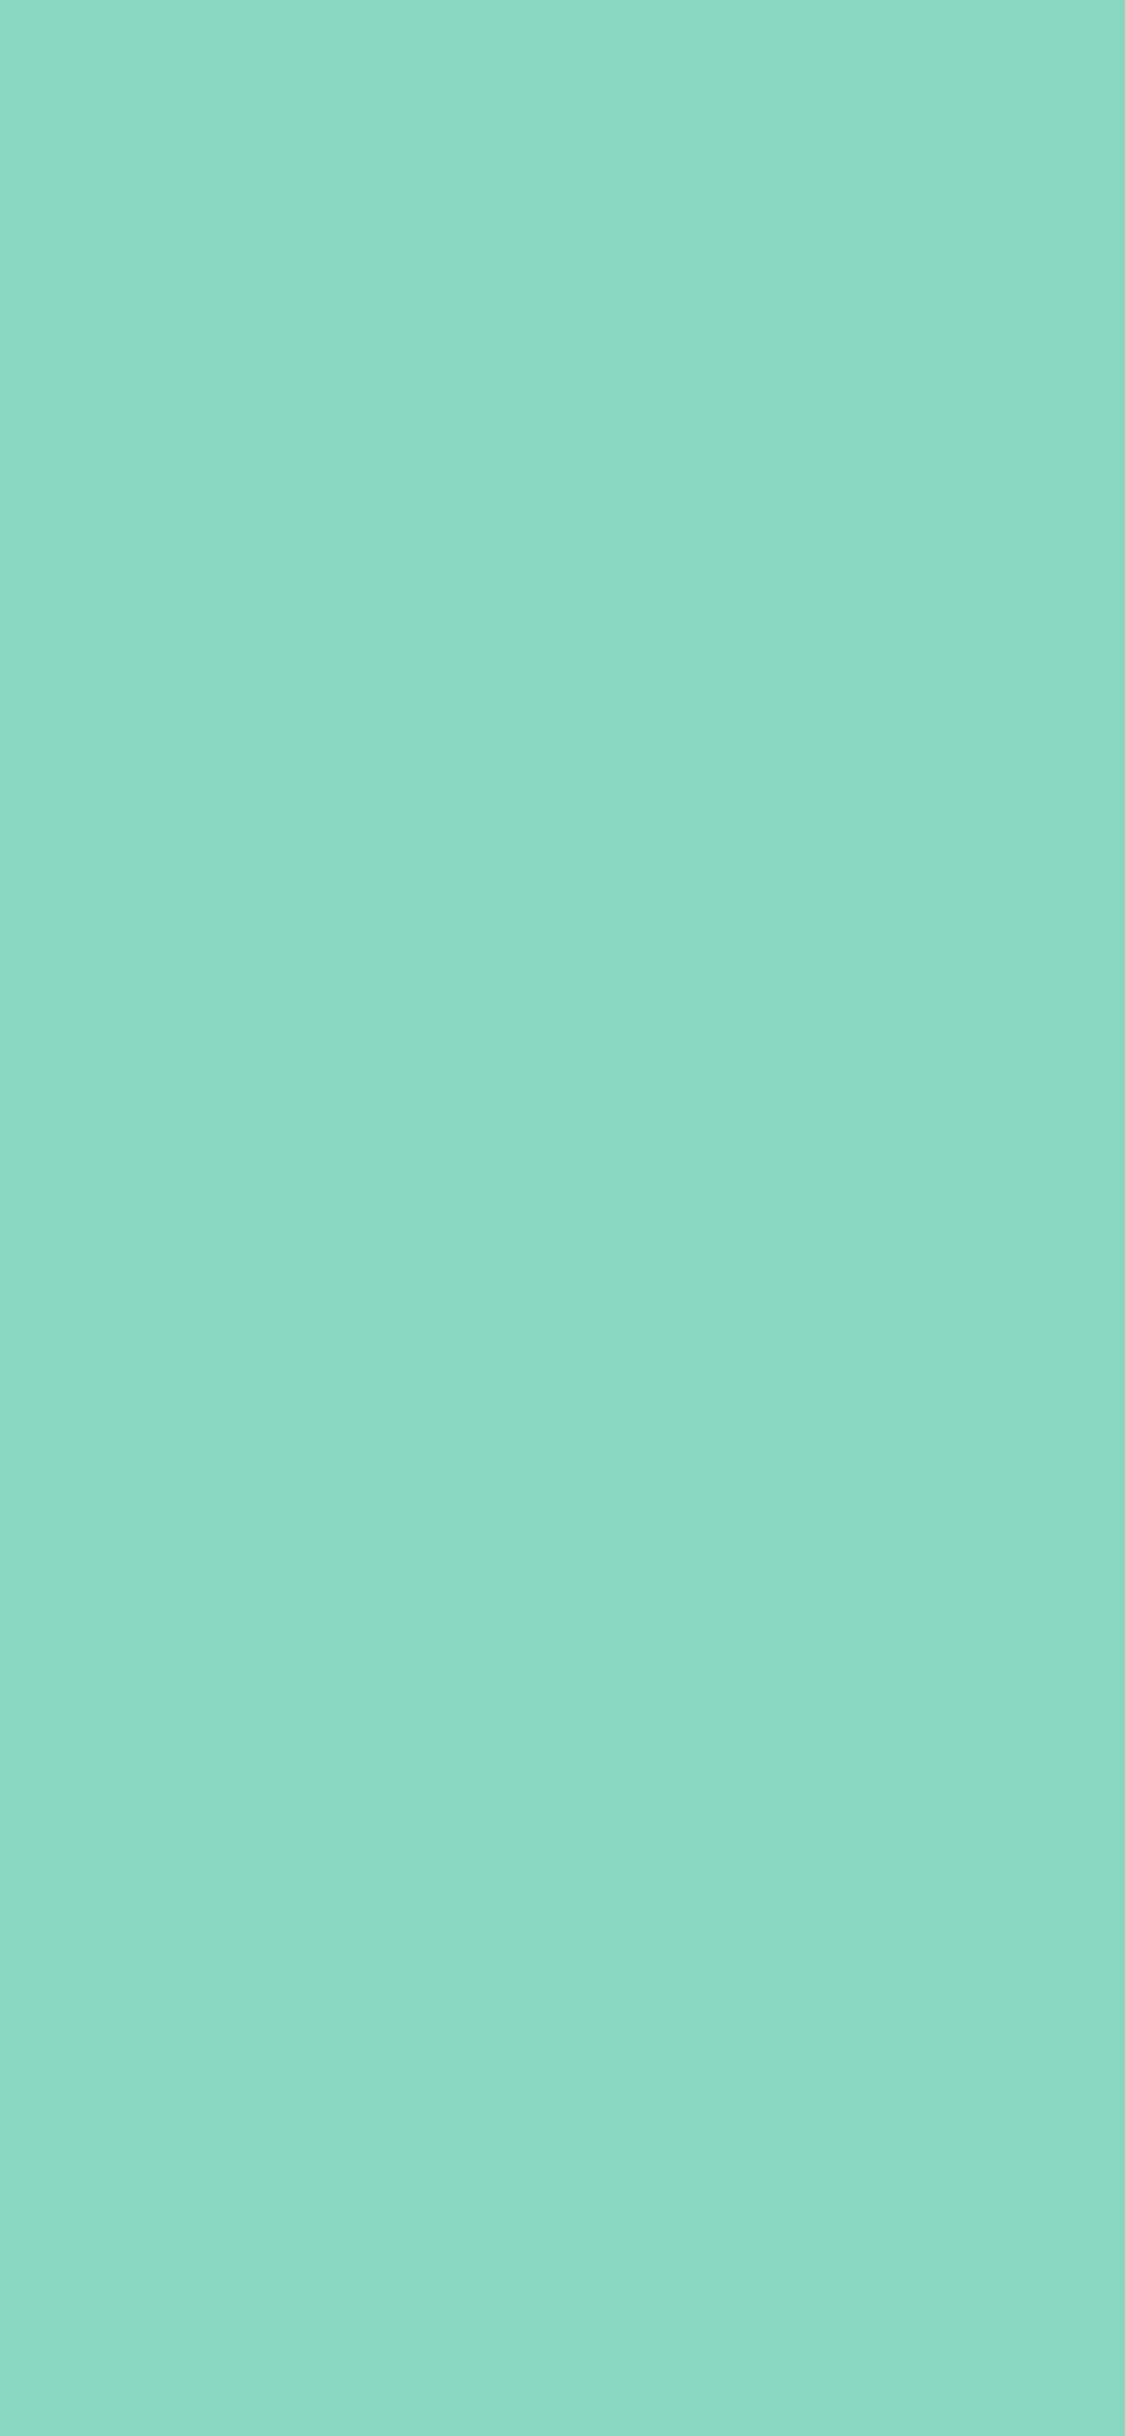 1125x2436 Pearl Aqua Solid Color Background